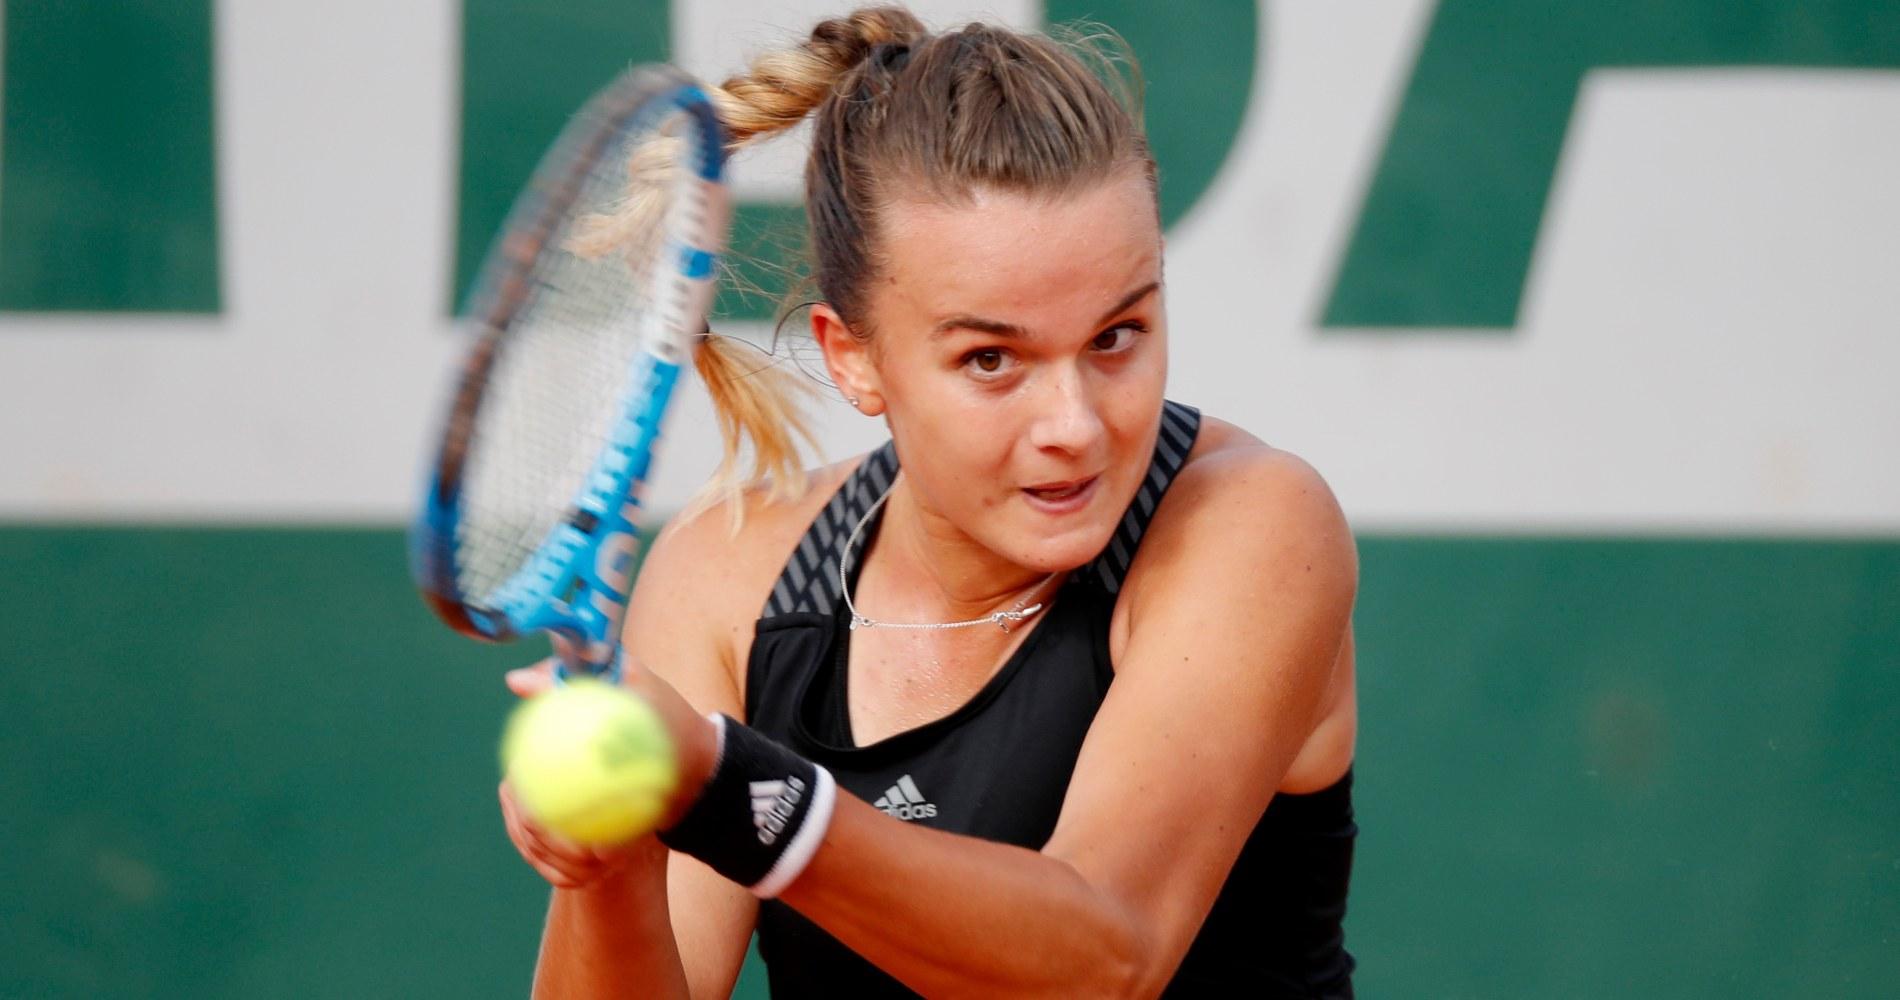 Burel Roland Garros 2020